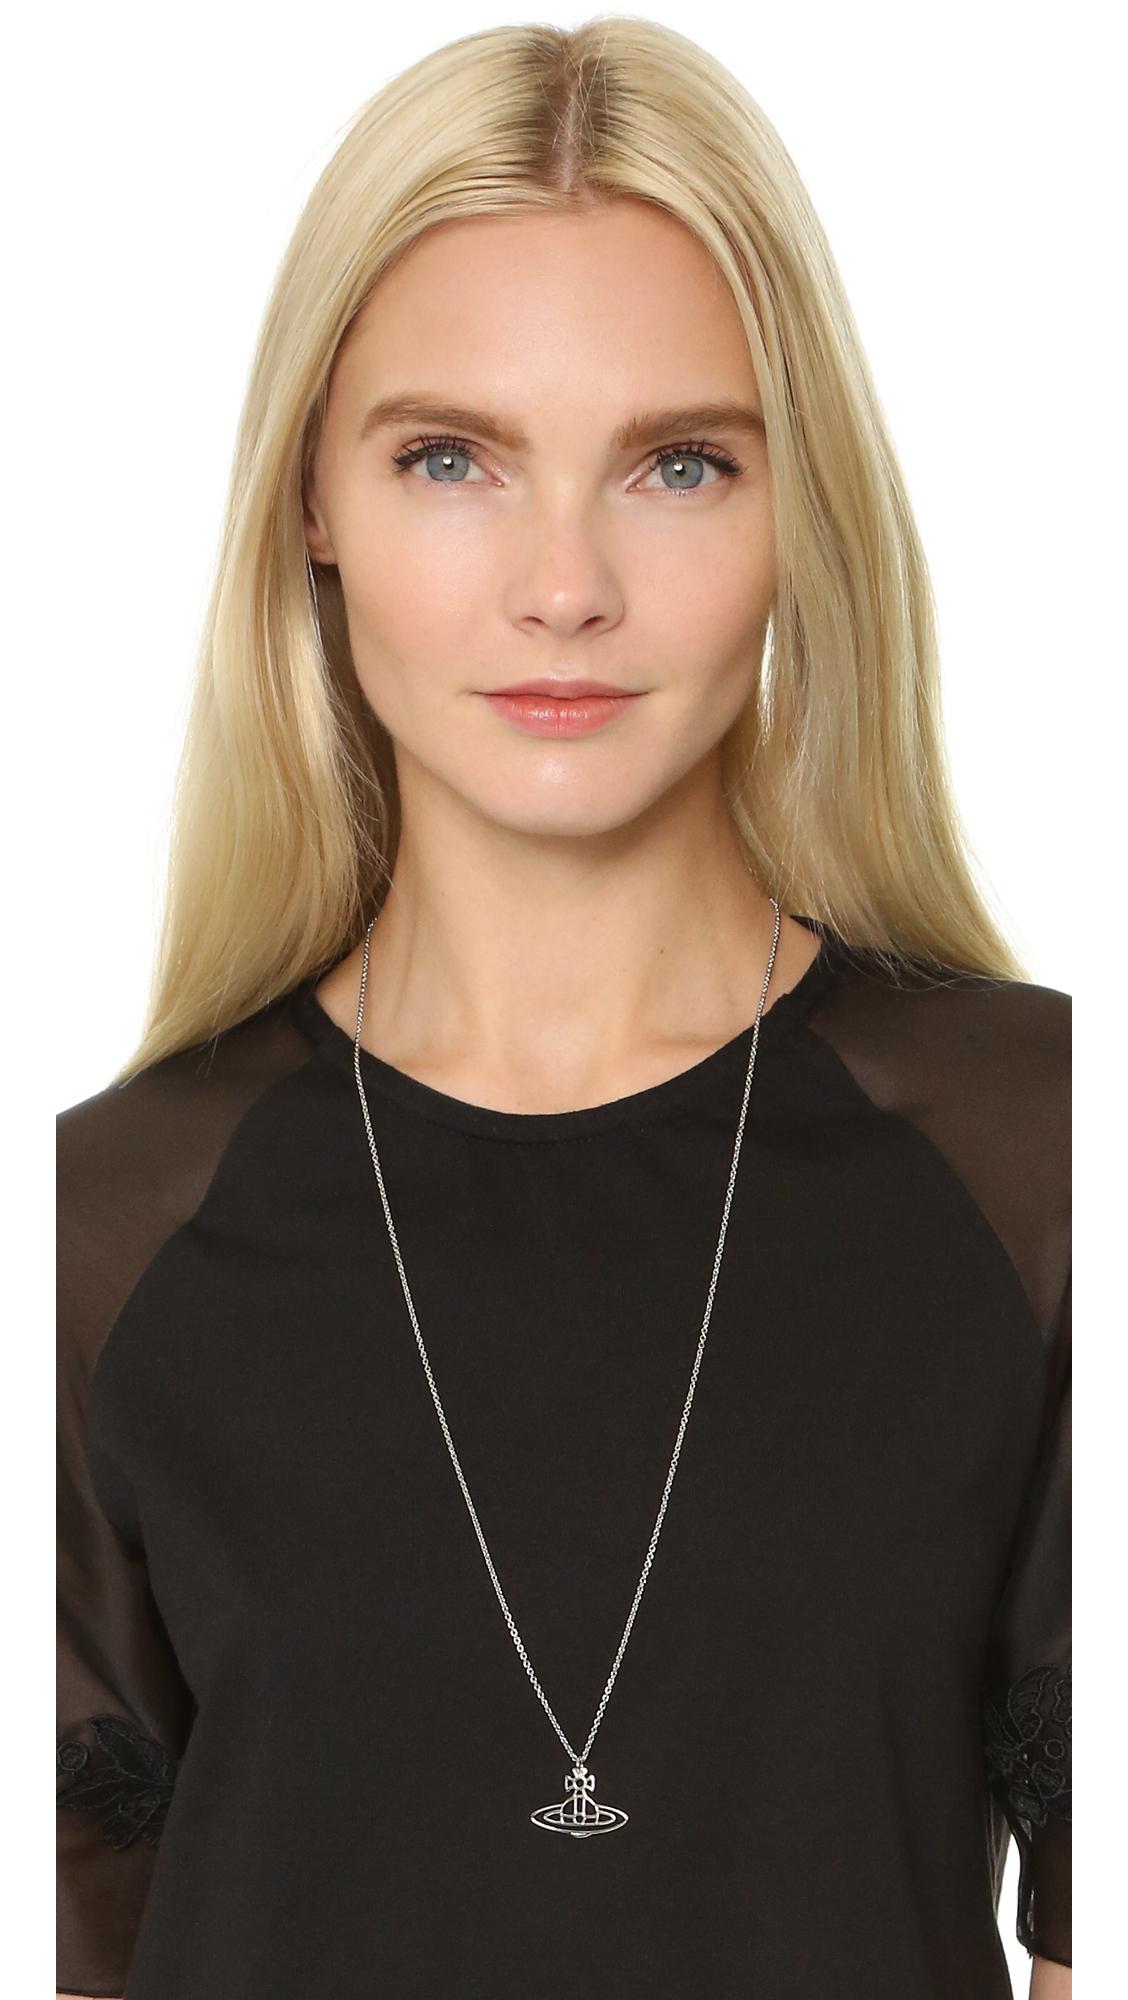 19c5f56f3b1c93 Vivienne Westwood Thin Lines Flat Orb Pendant Necklace | SHOPBOP